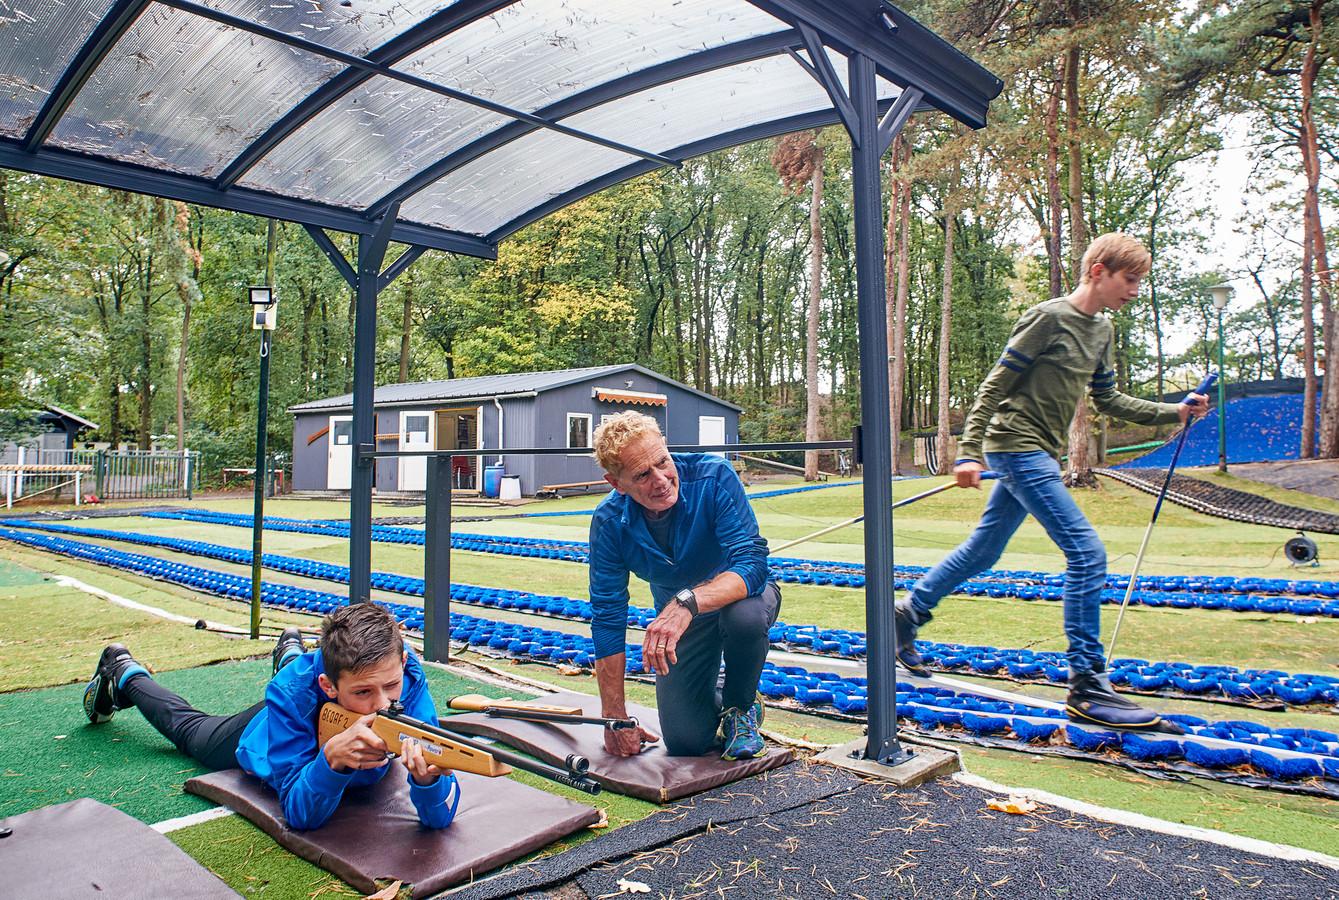 Langlaufvereniging Bedaf in Uden heeft nu een overkapping bij het biatlonveld. Lukas Jakobs oefent onder toeziend oog van docent Wim Ketelaars, rechts Lars Hamelijnck op de baan.  Fotograaf: Van Assendelft/Jeroen Appels